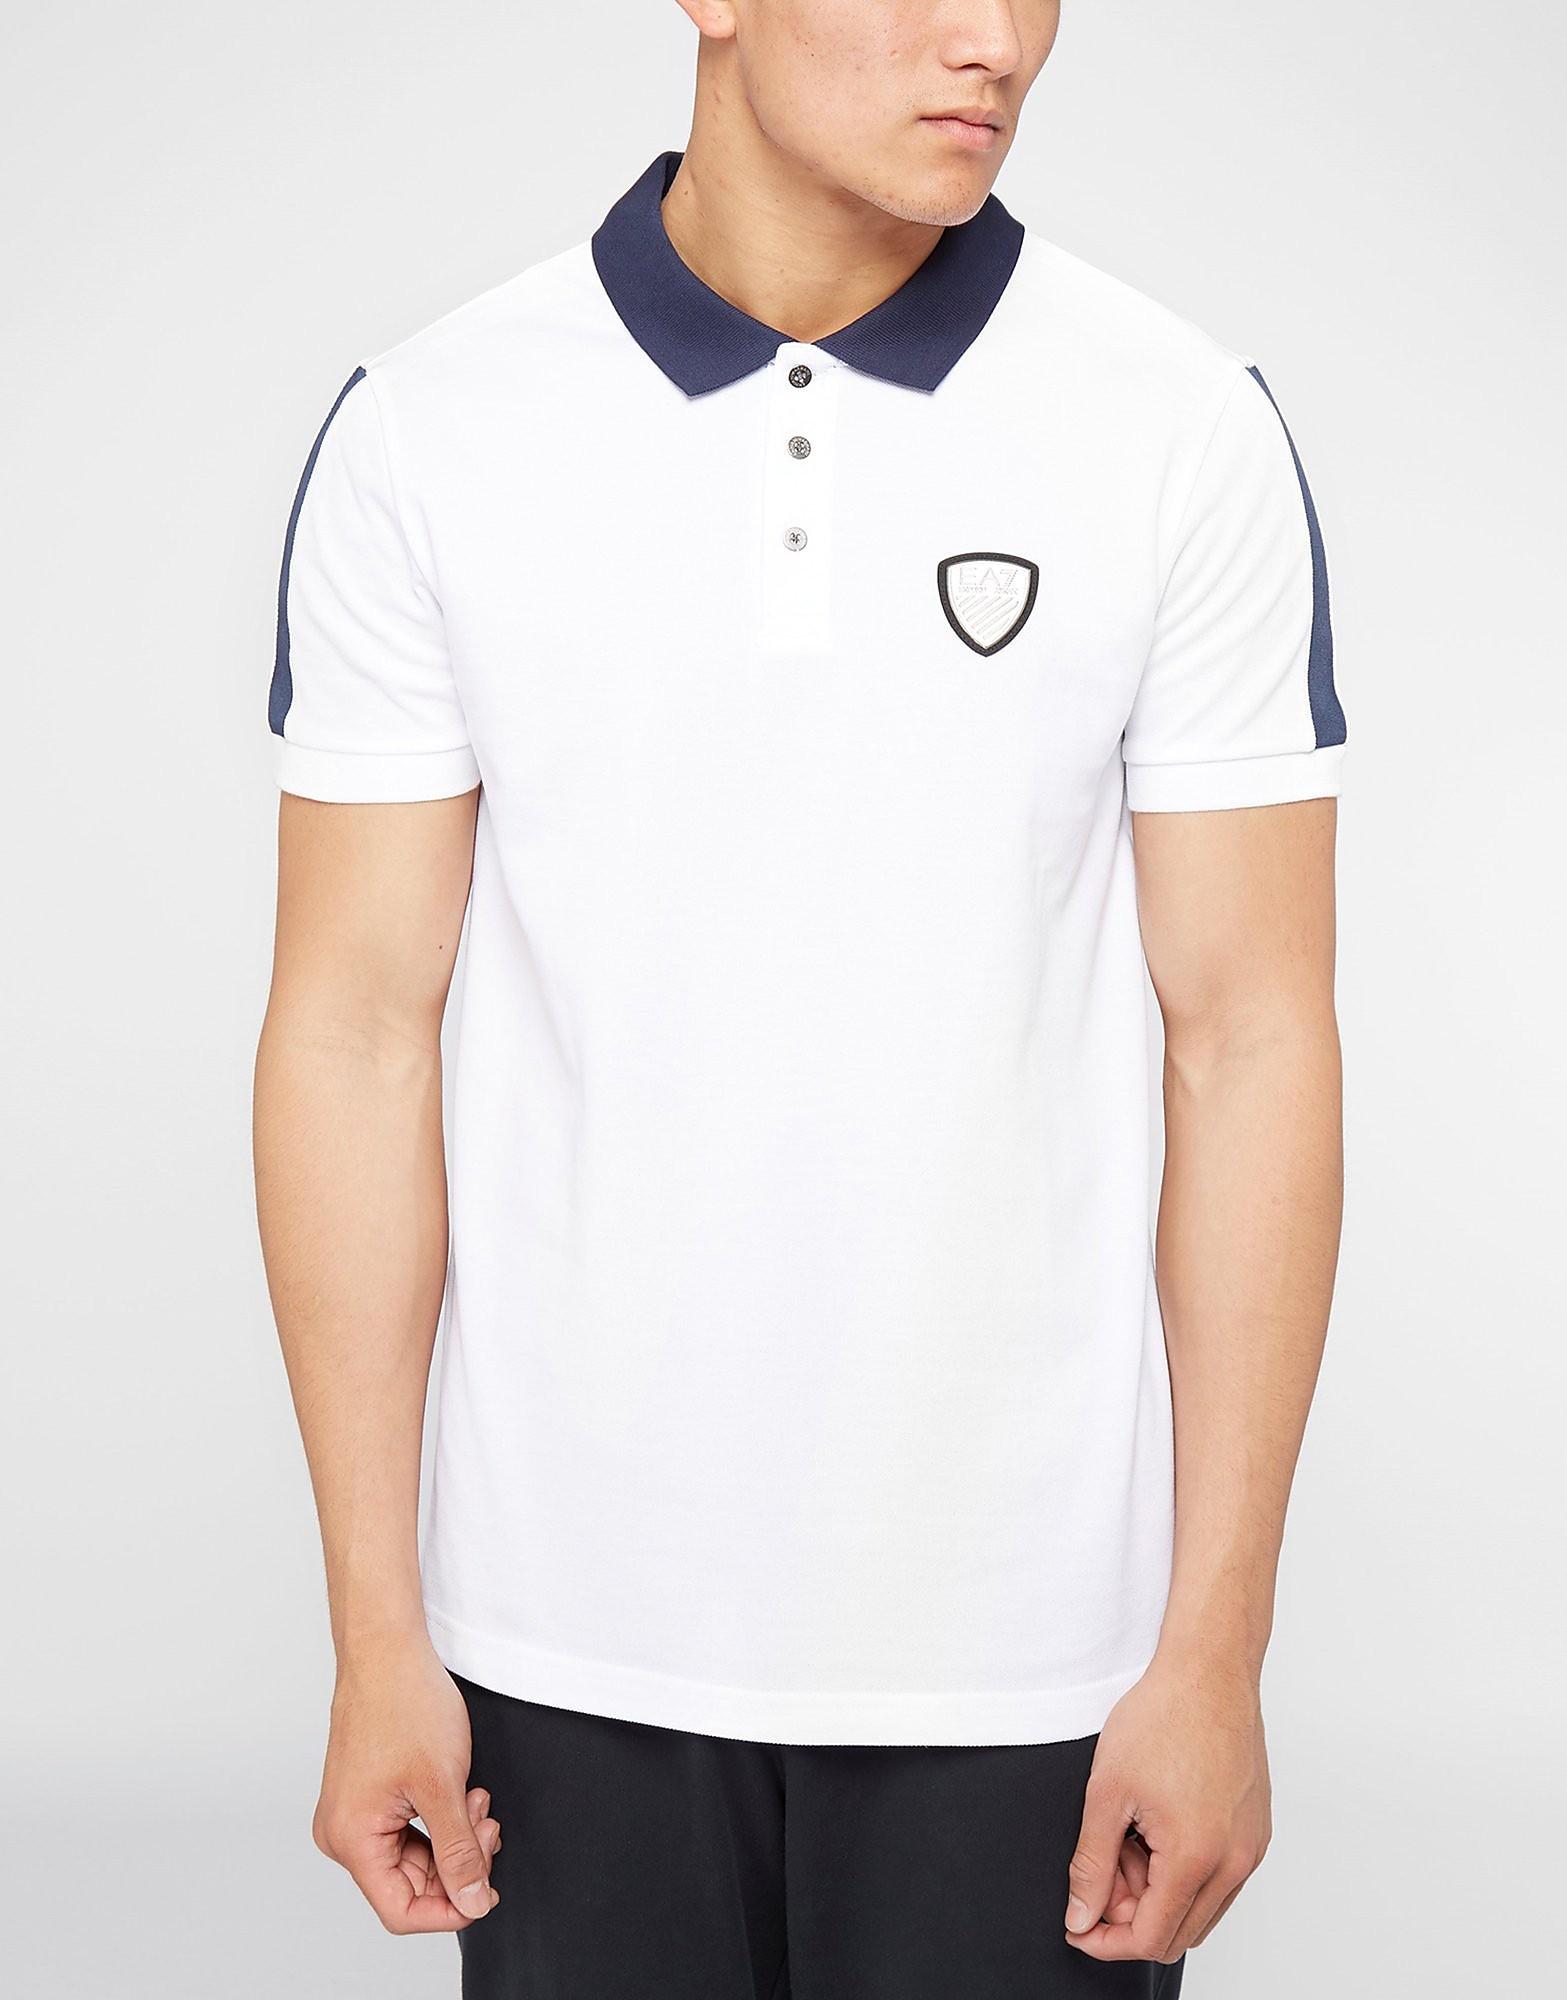 Emporio Armani EA7 Short Sleeve Polo Shirt - Exclusive